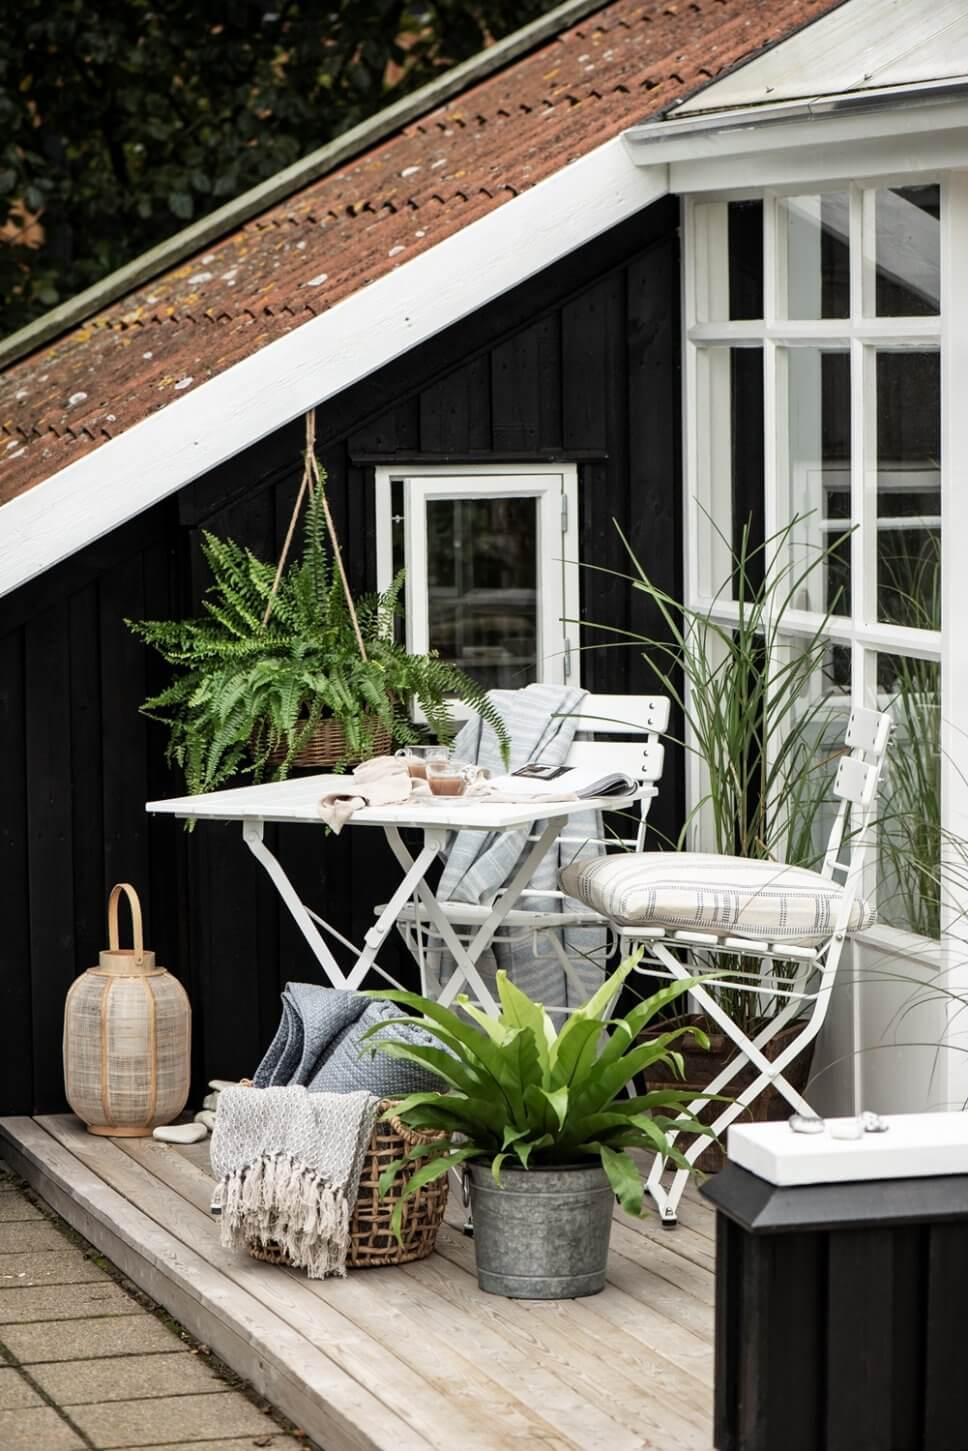 Gemütlich mit Bistromöbeln und vielen Kübelflanzen eingerichtete Terrasse in Skandinavien